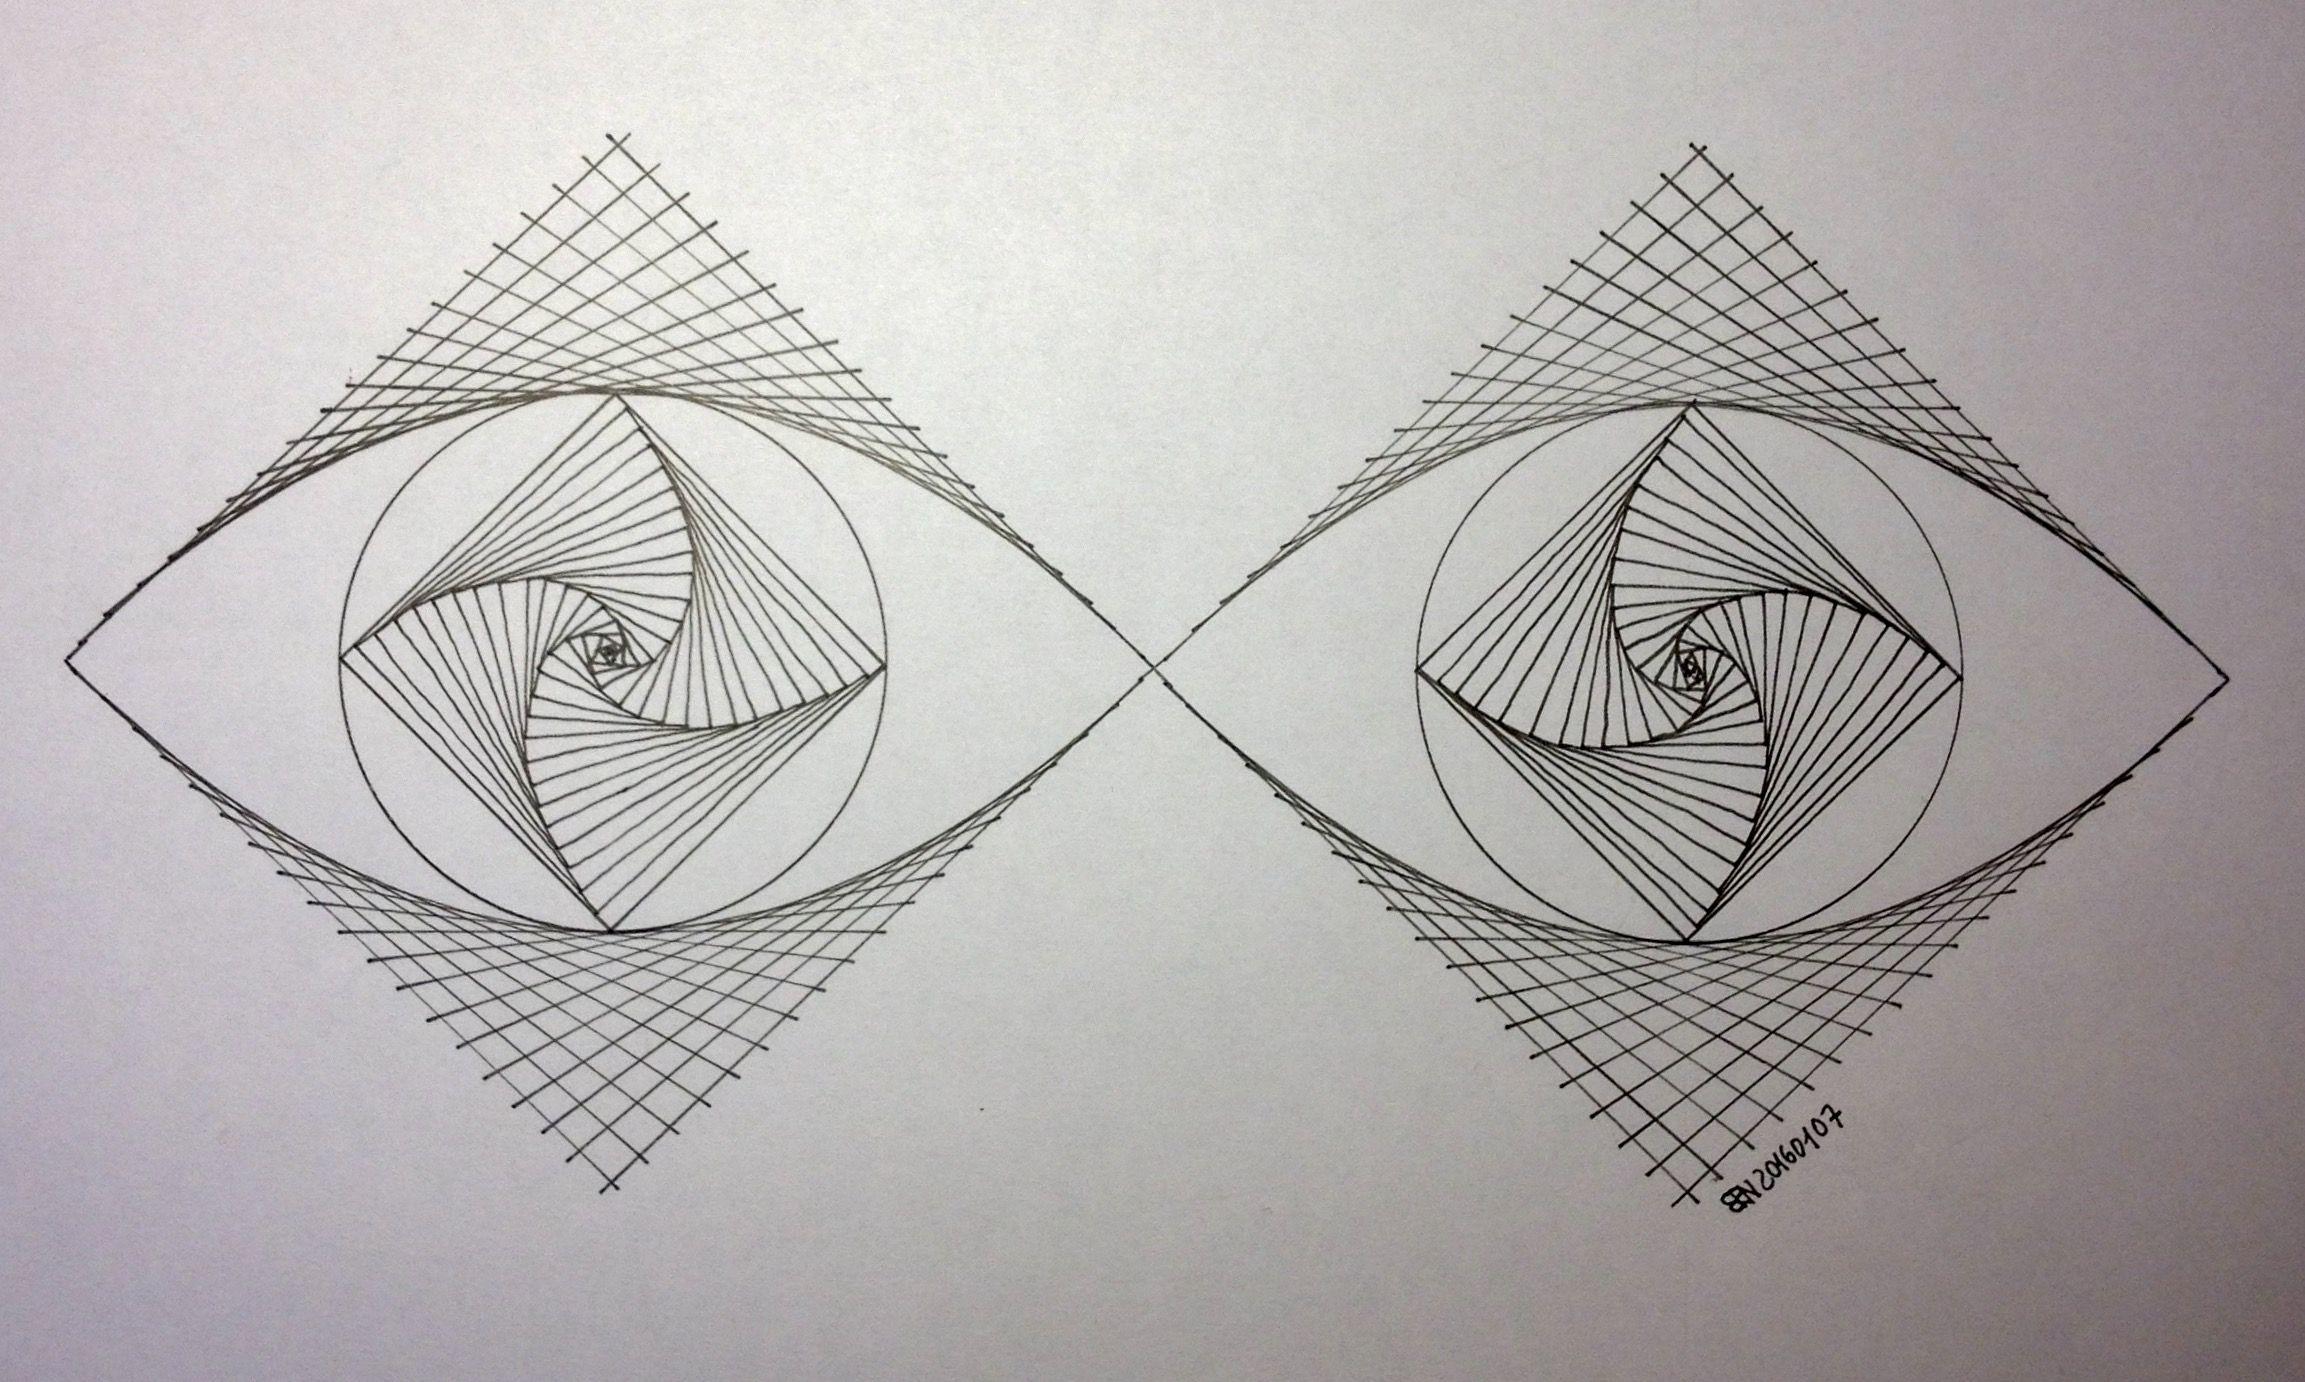 симметрия картинки с линиями неправильной формы располагался